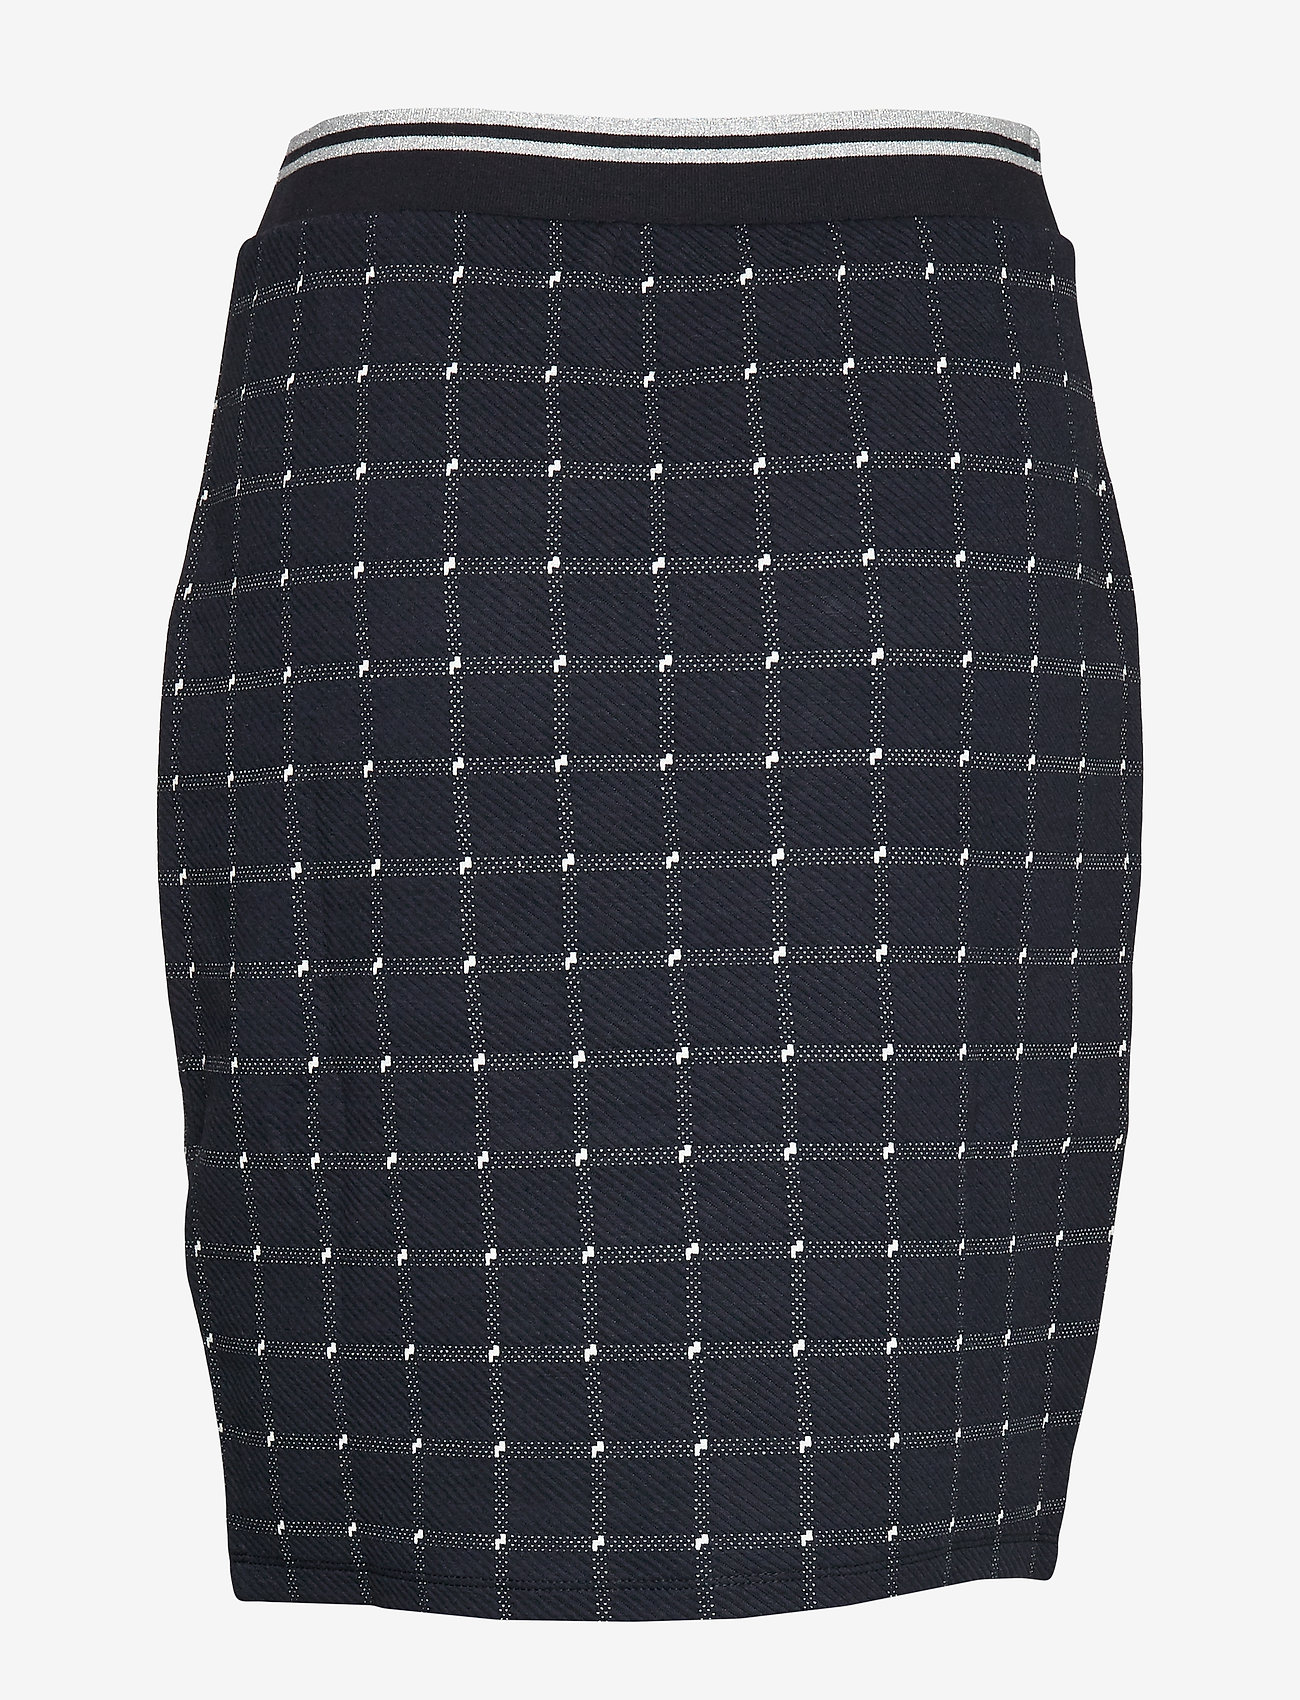 Skirt Knitwear (Navy Patternd) - Taifun r7uSVa